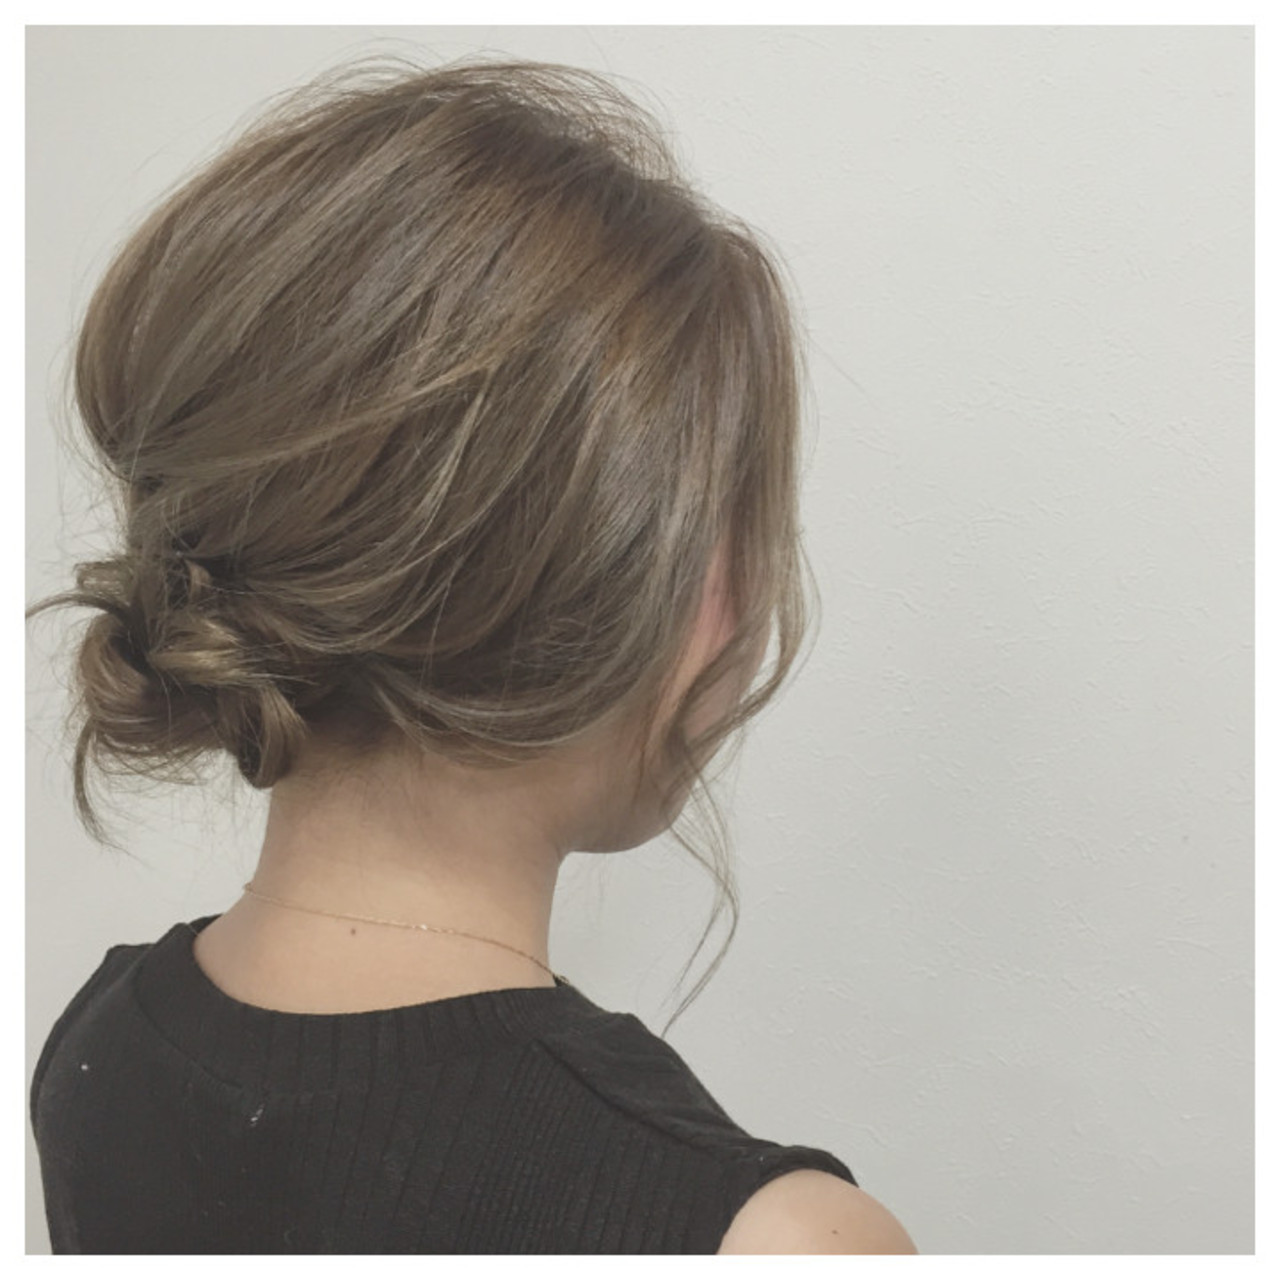 ミディアム ゆるふわ ヘアアレンジ 大人女子 ヘアスタイルや髪型の写真・画像